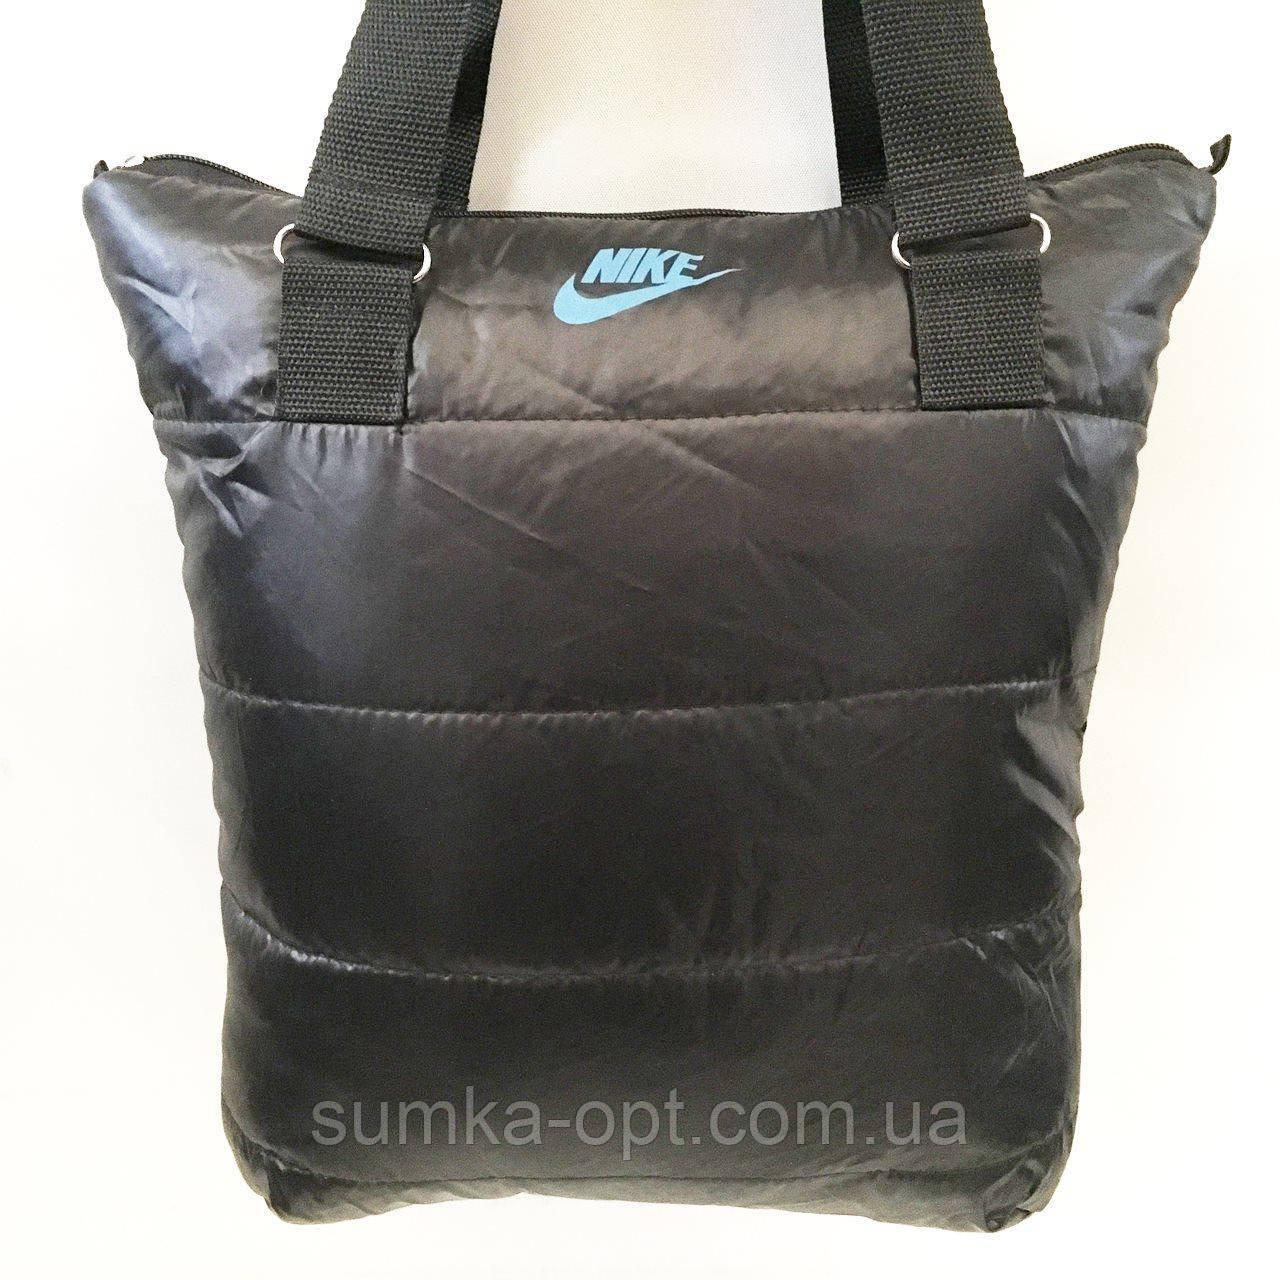 Дутые СПОРТИВНЫЕ сумки под пуховик Nike (ЧЕРНЫЙ-ГОЛУБОЙ)34*35см